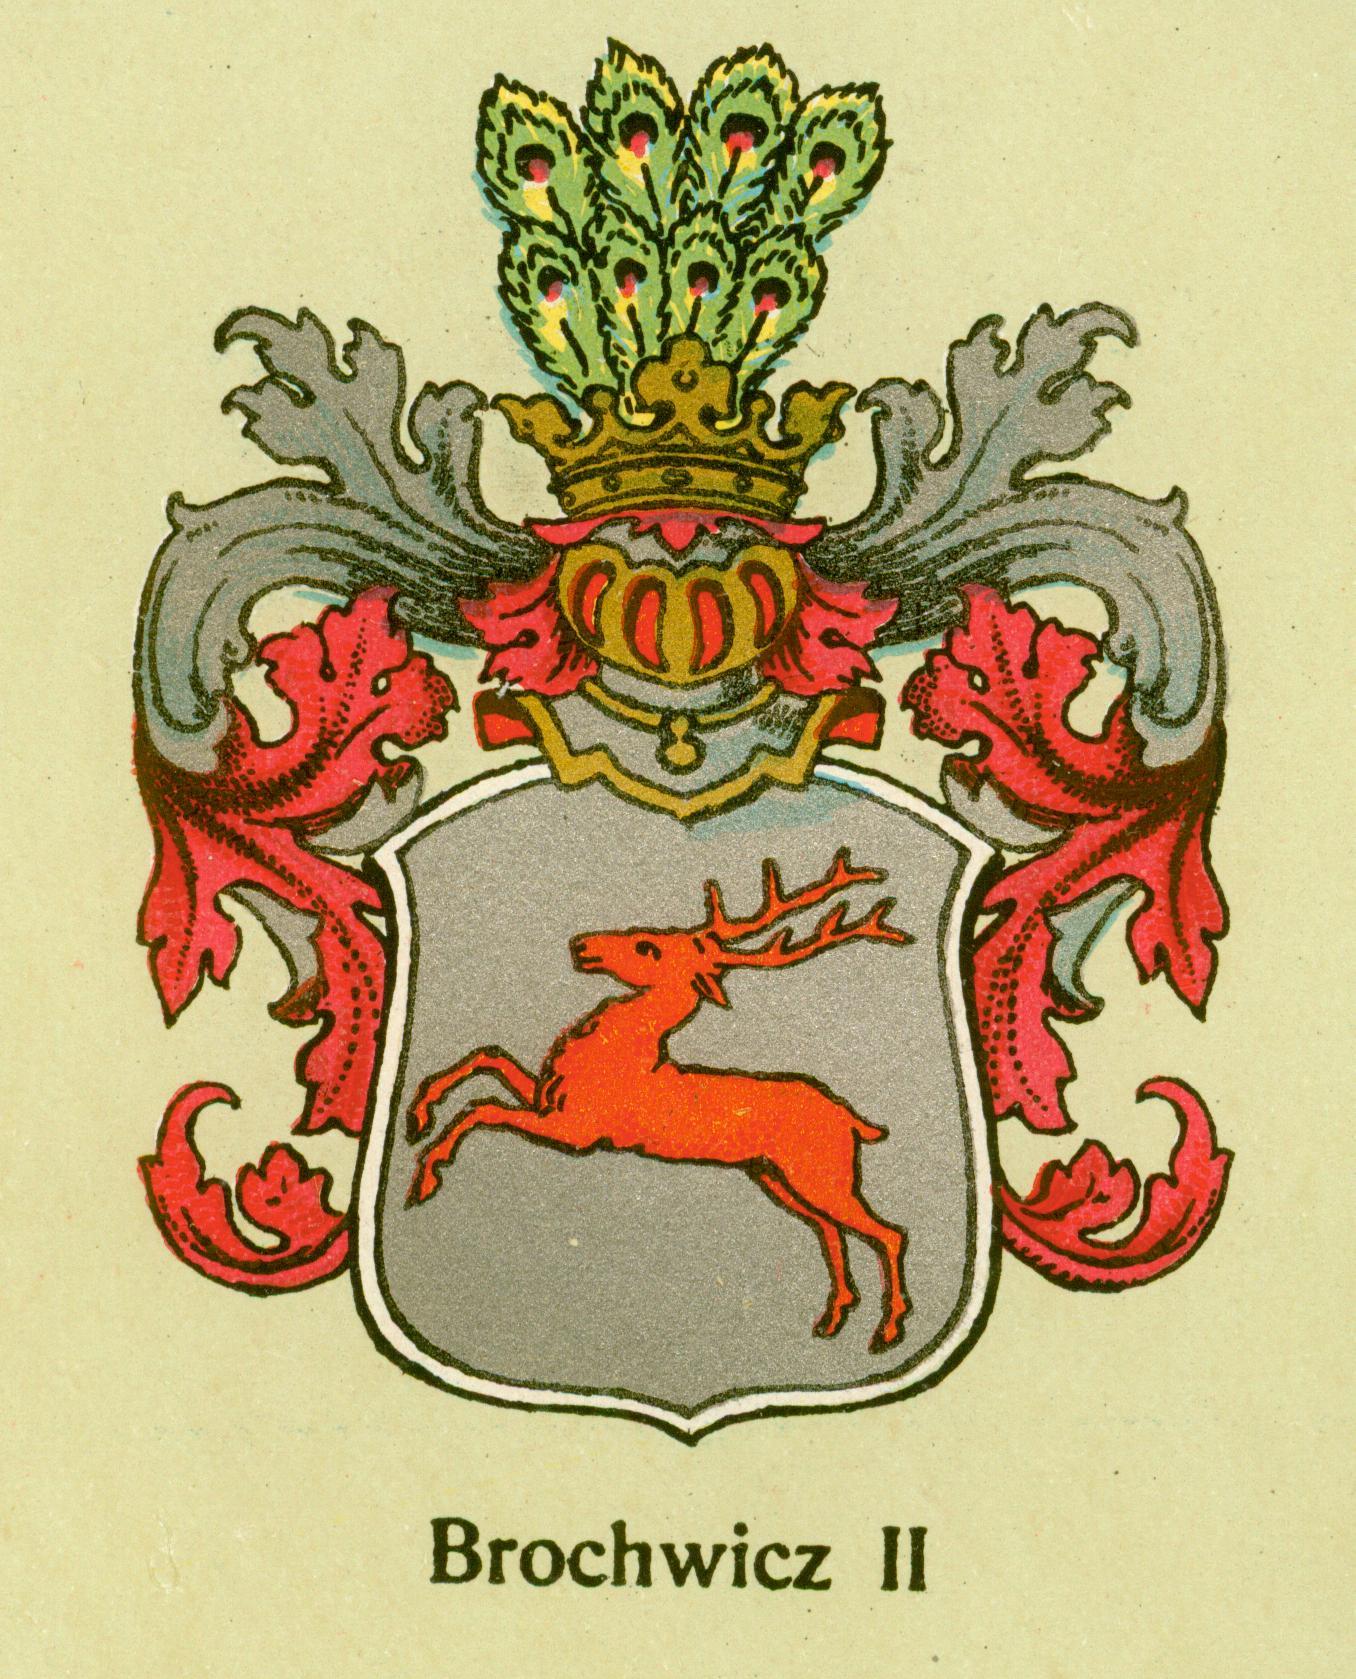 Brochwicz II